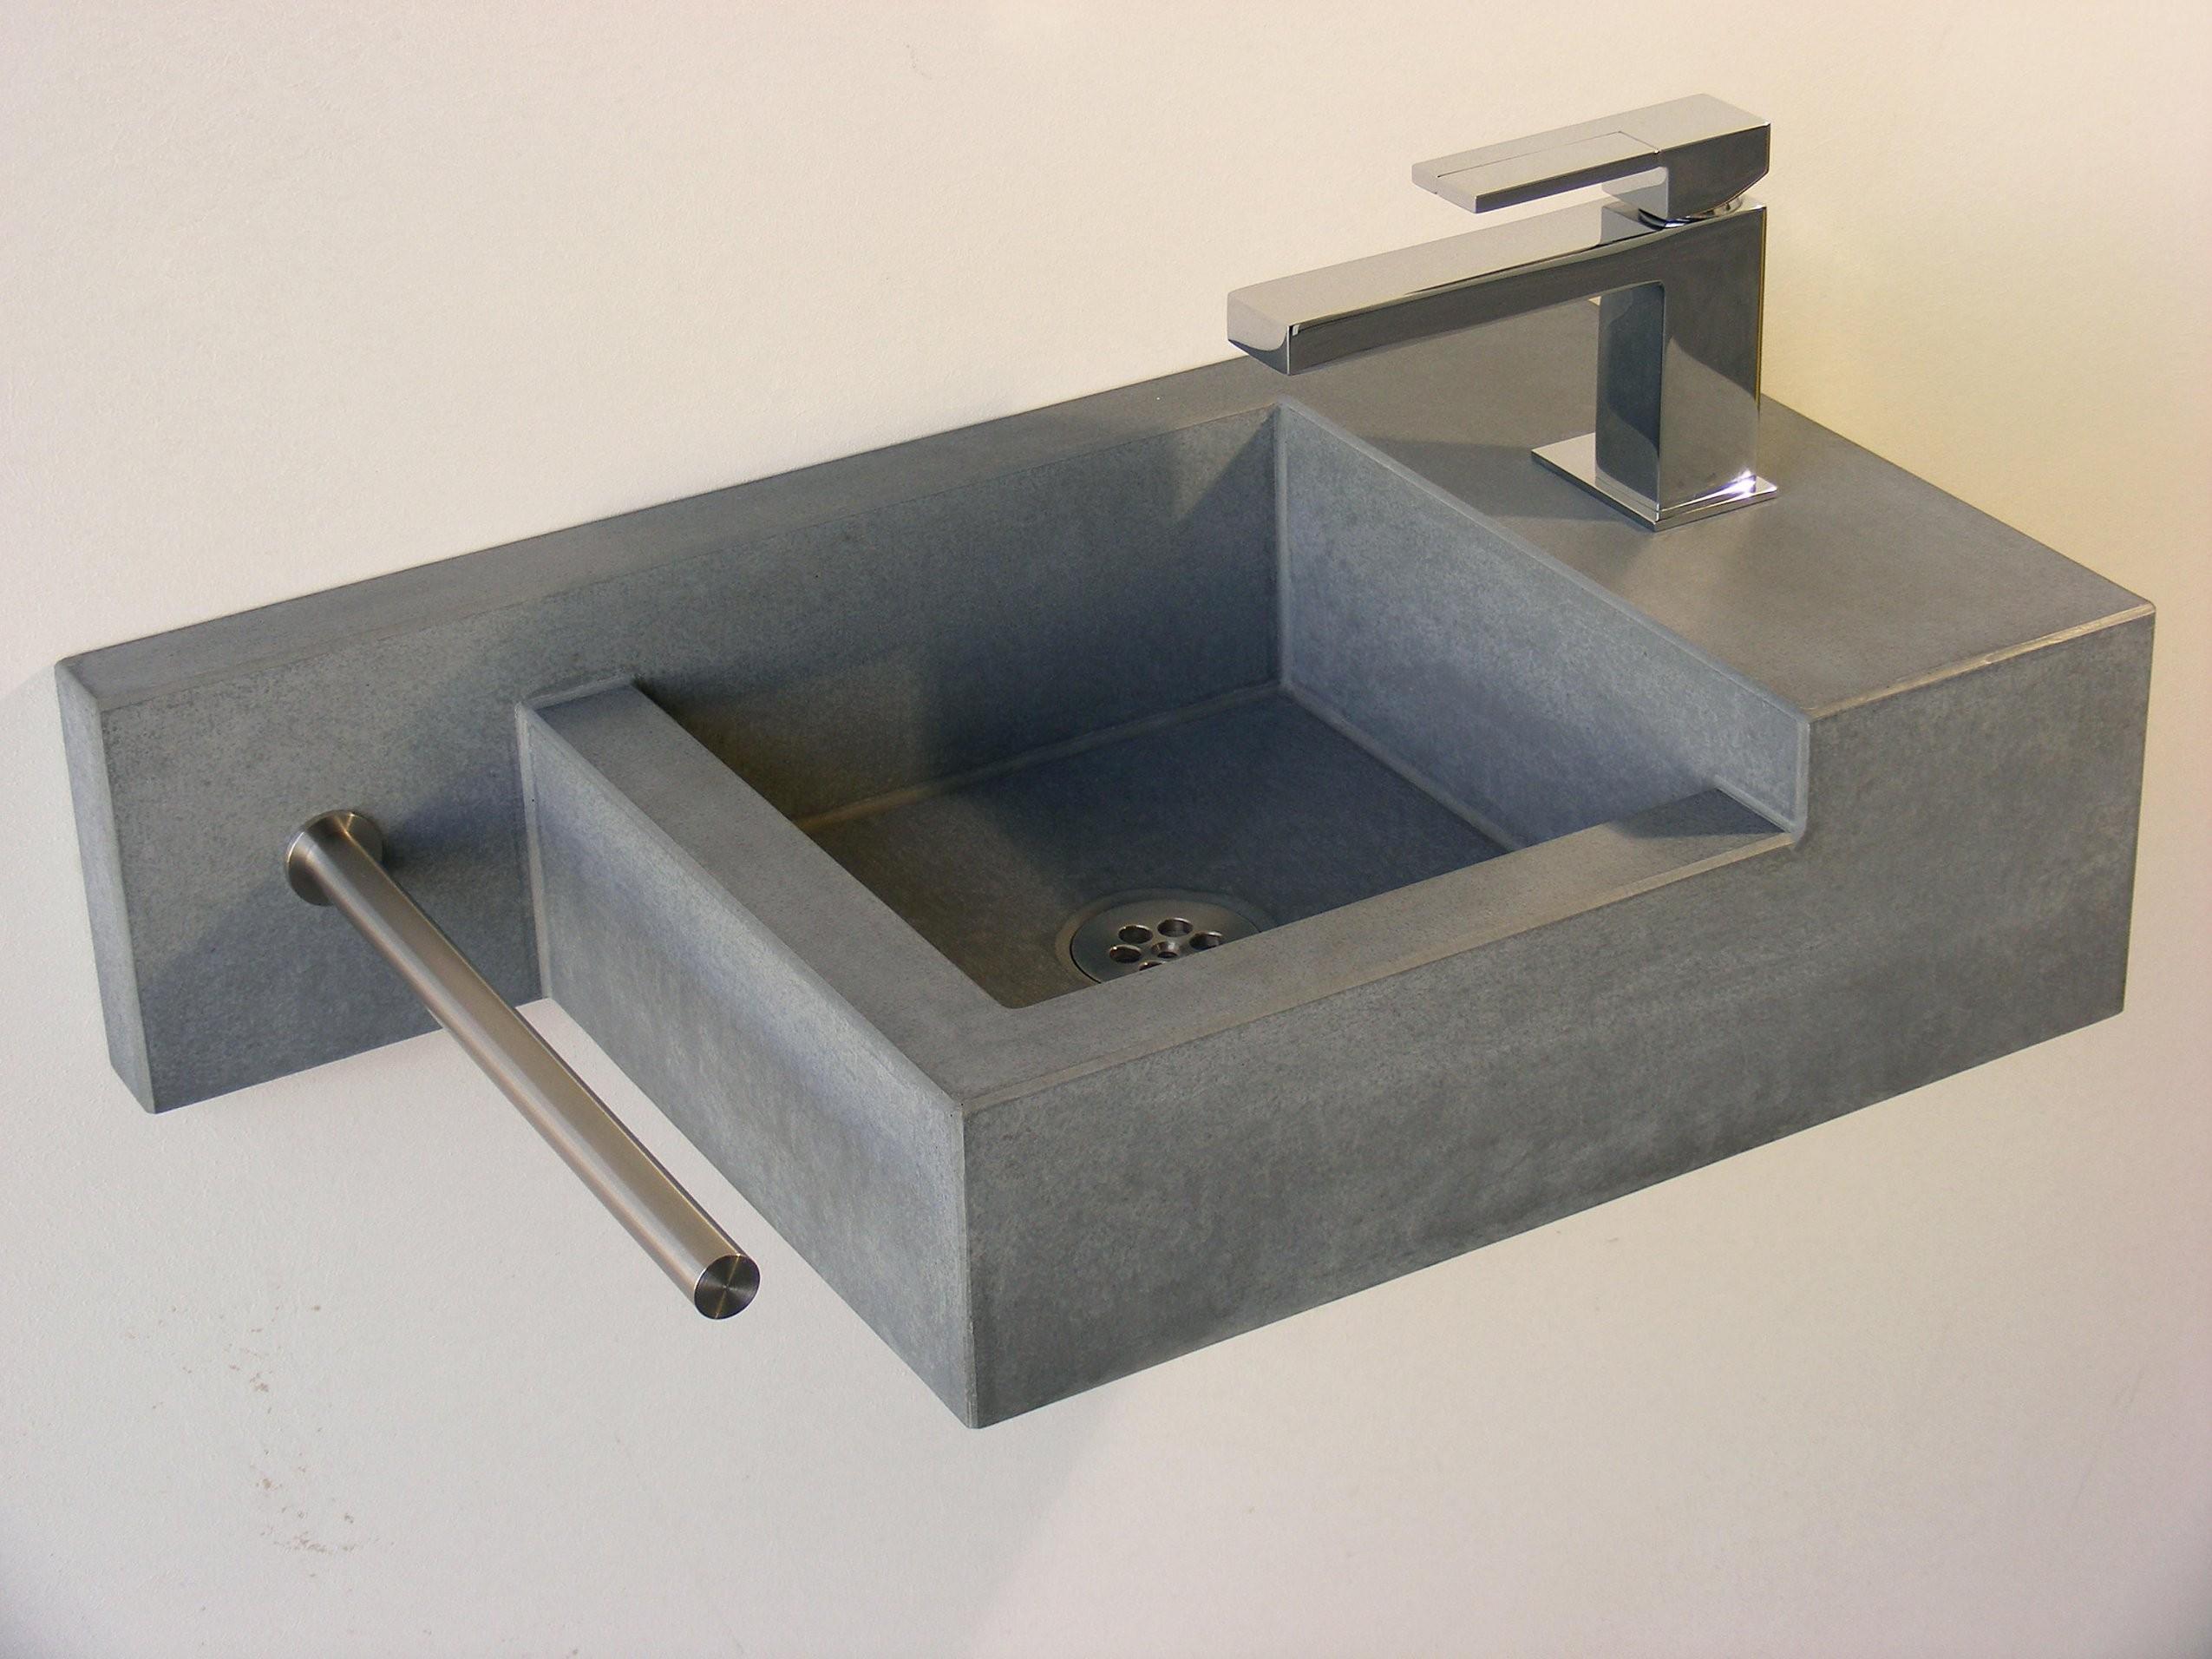 Waschtisch Mit Klein Best Wc Waschbecken With Waschtisch Mit Klein von Waschbecken Klein Eckig Bild